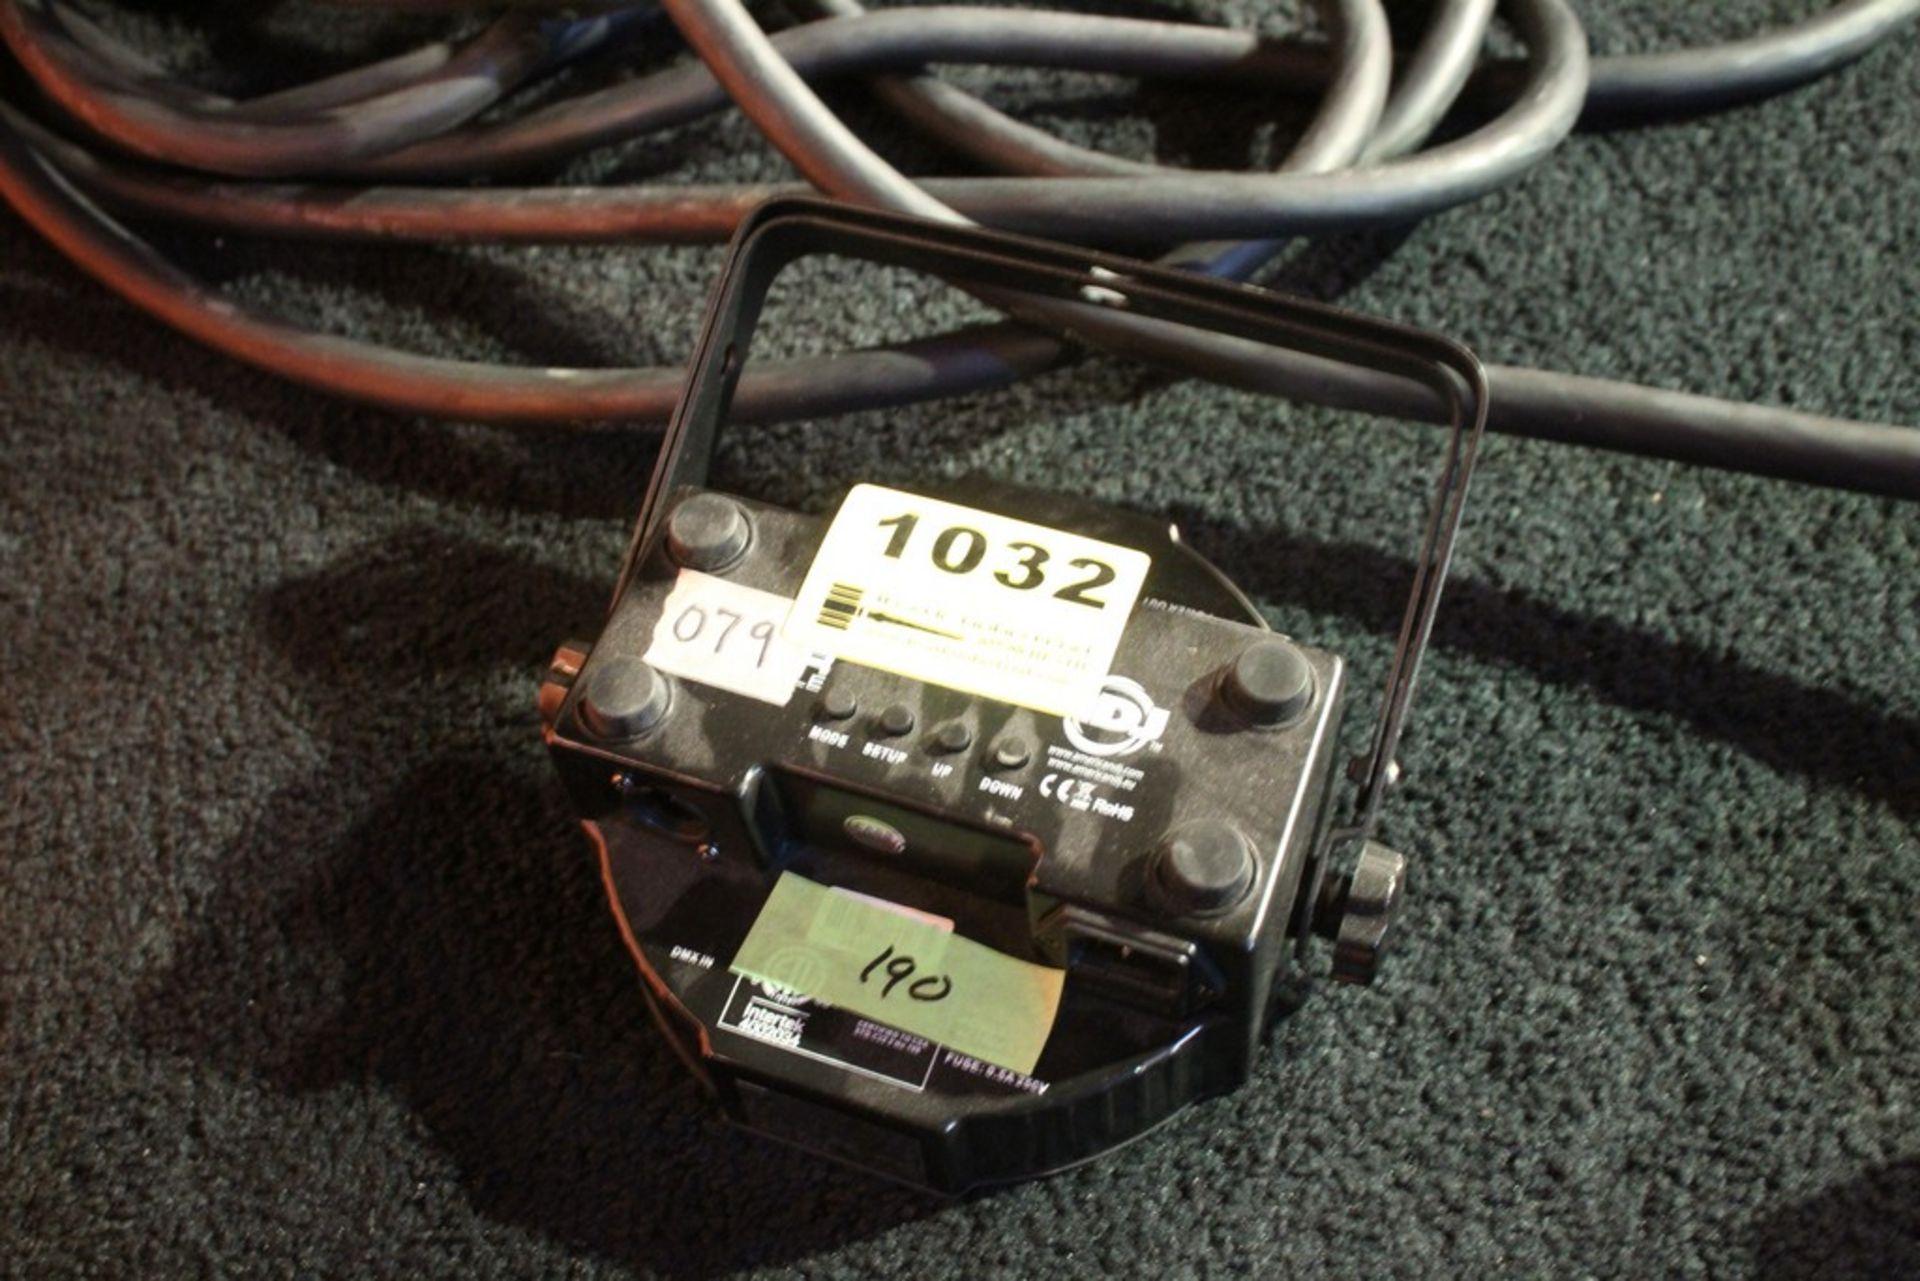 Lot 1032 - AMERICAN DJ MODEL MEGA PAR PROFILE DMX RGB LED LIGHT